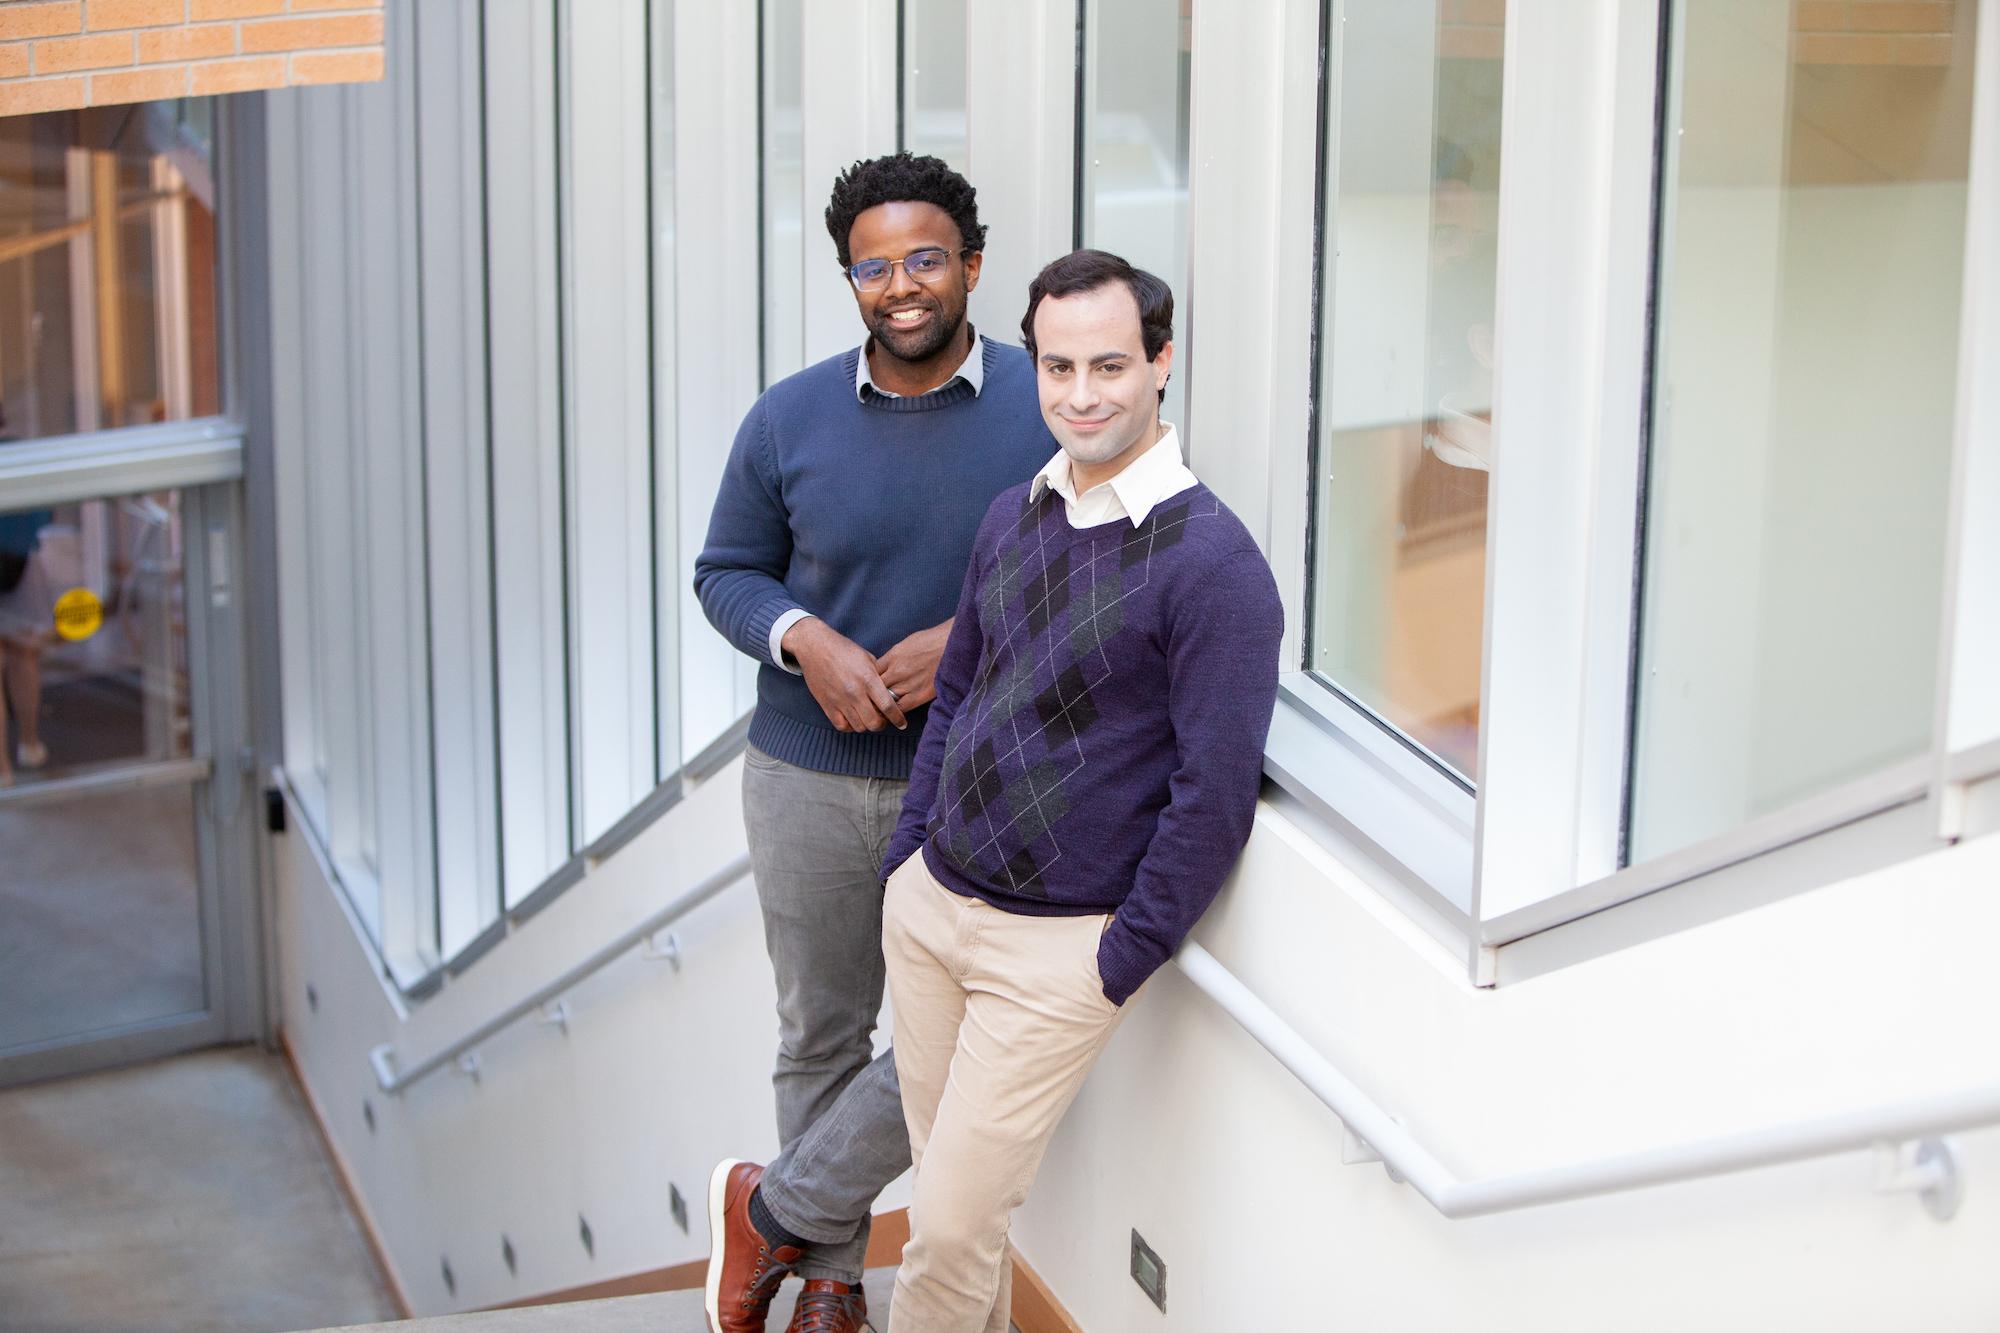 Michael Carbin (izquierda) y Jonathan Frankle (derecha), los autores del artículo.